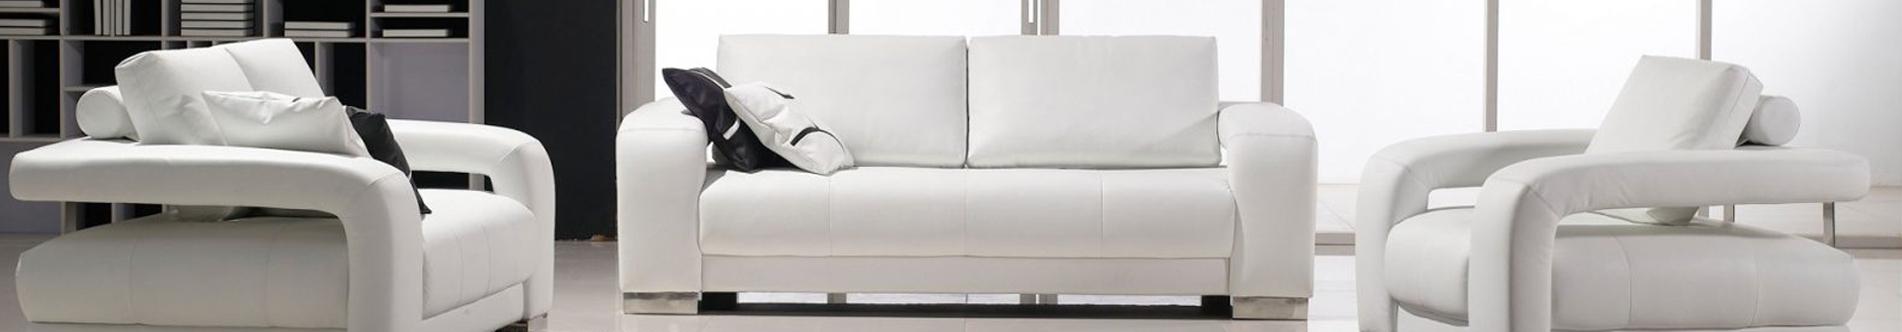 Centro sofa 9fdy sofà S Centro sofa